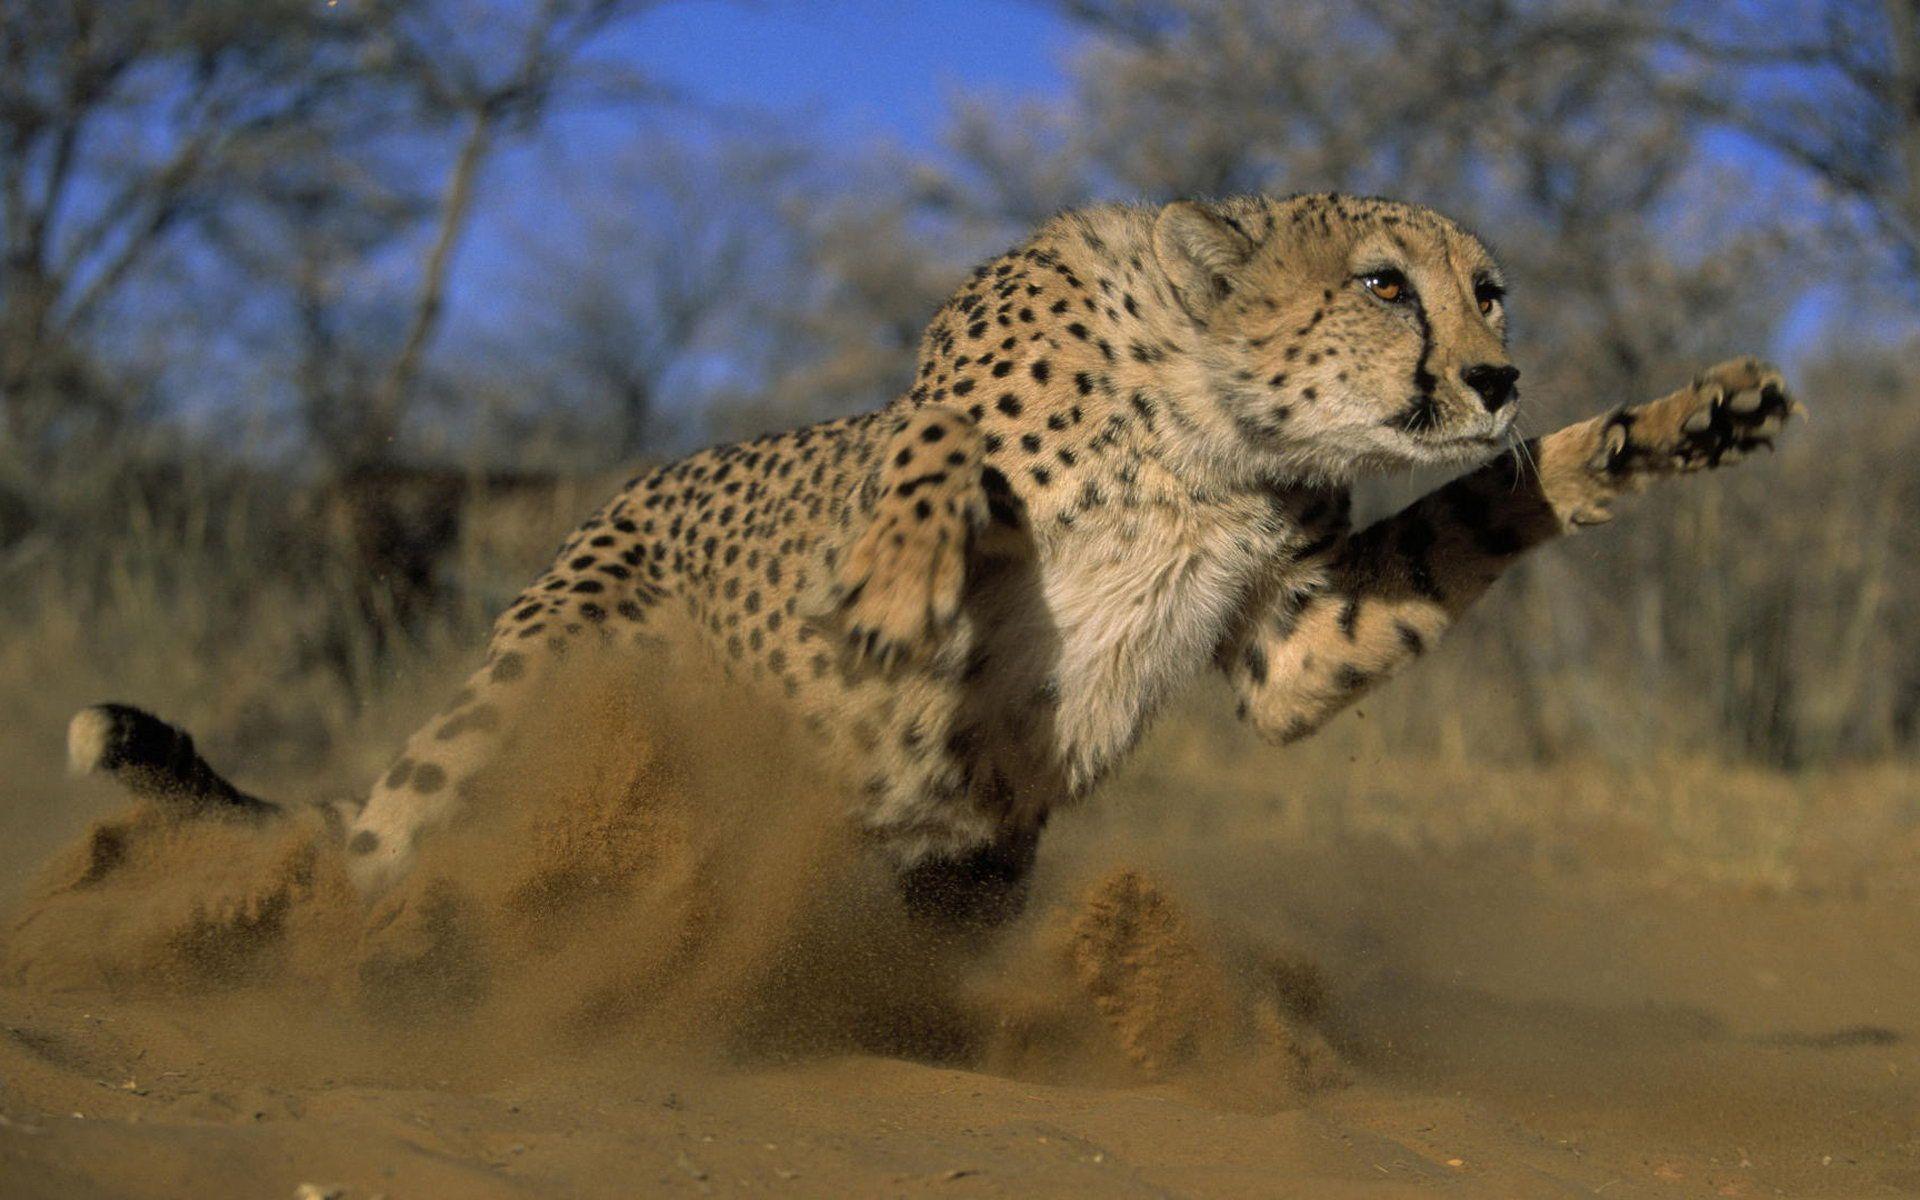 Cheetah, Hd, Image, Jumping